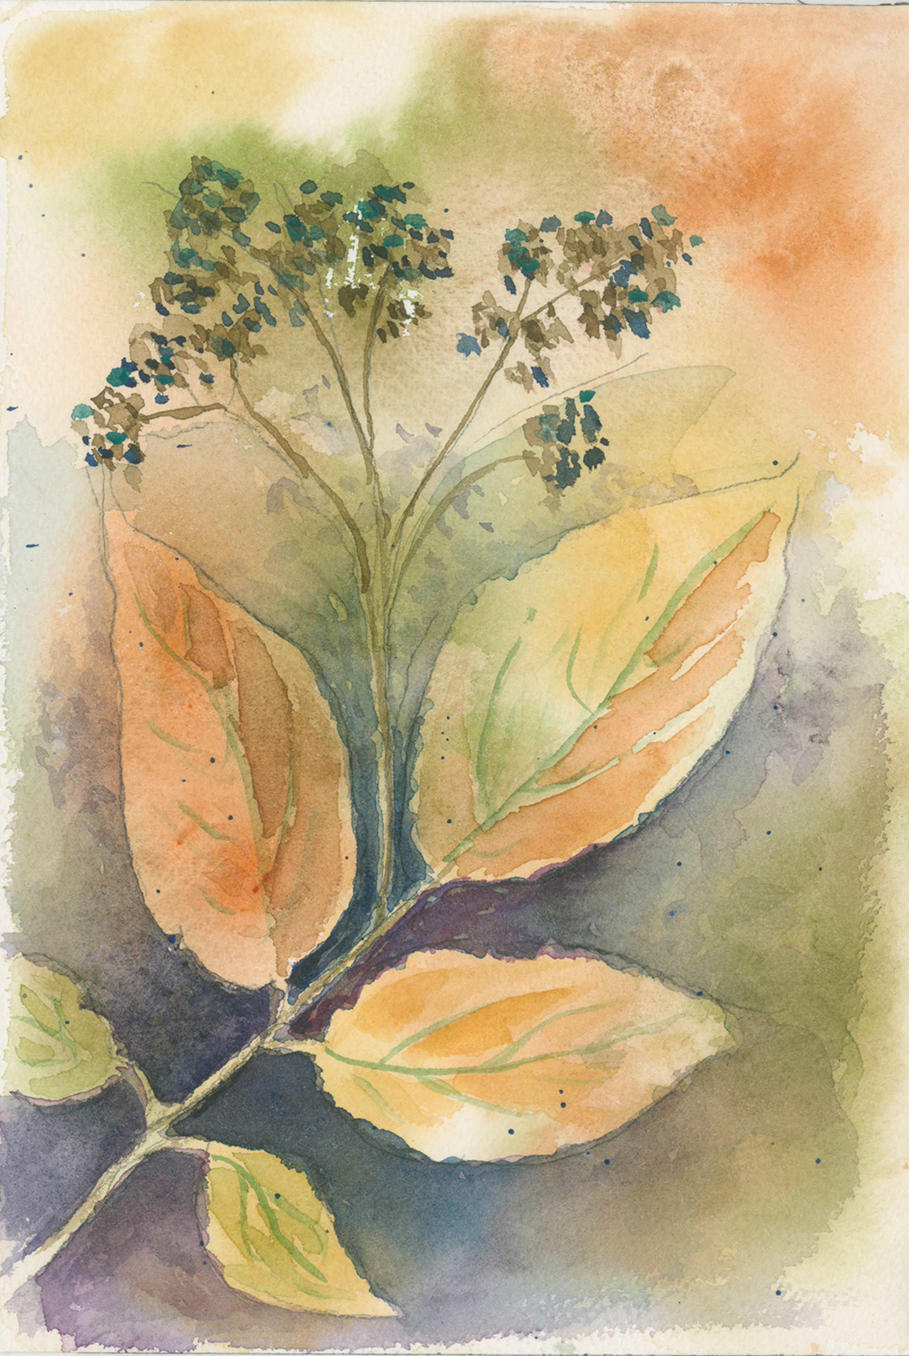 Jones art - leaves berries.jpg